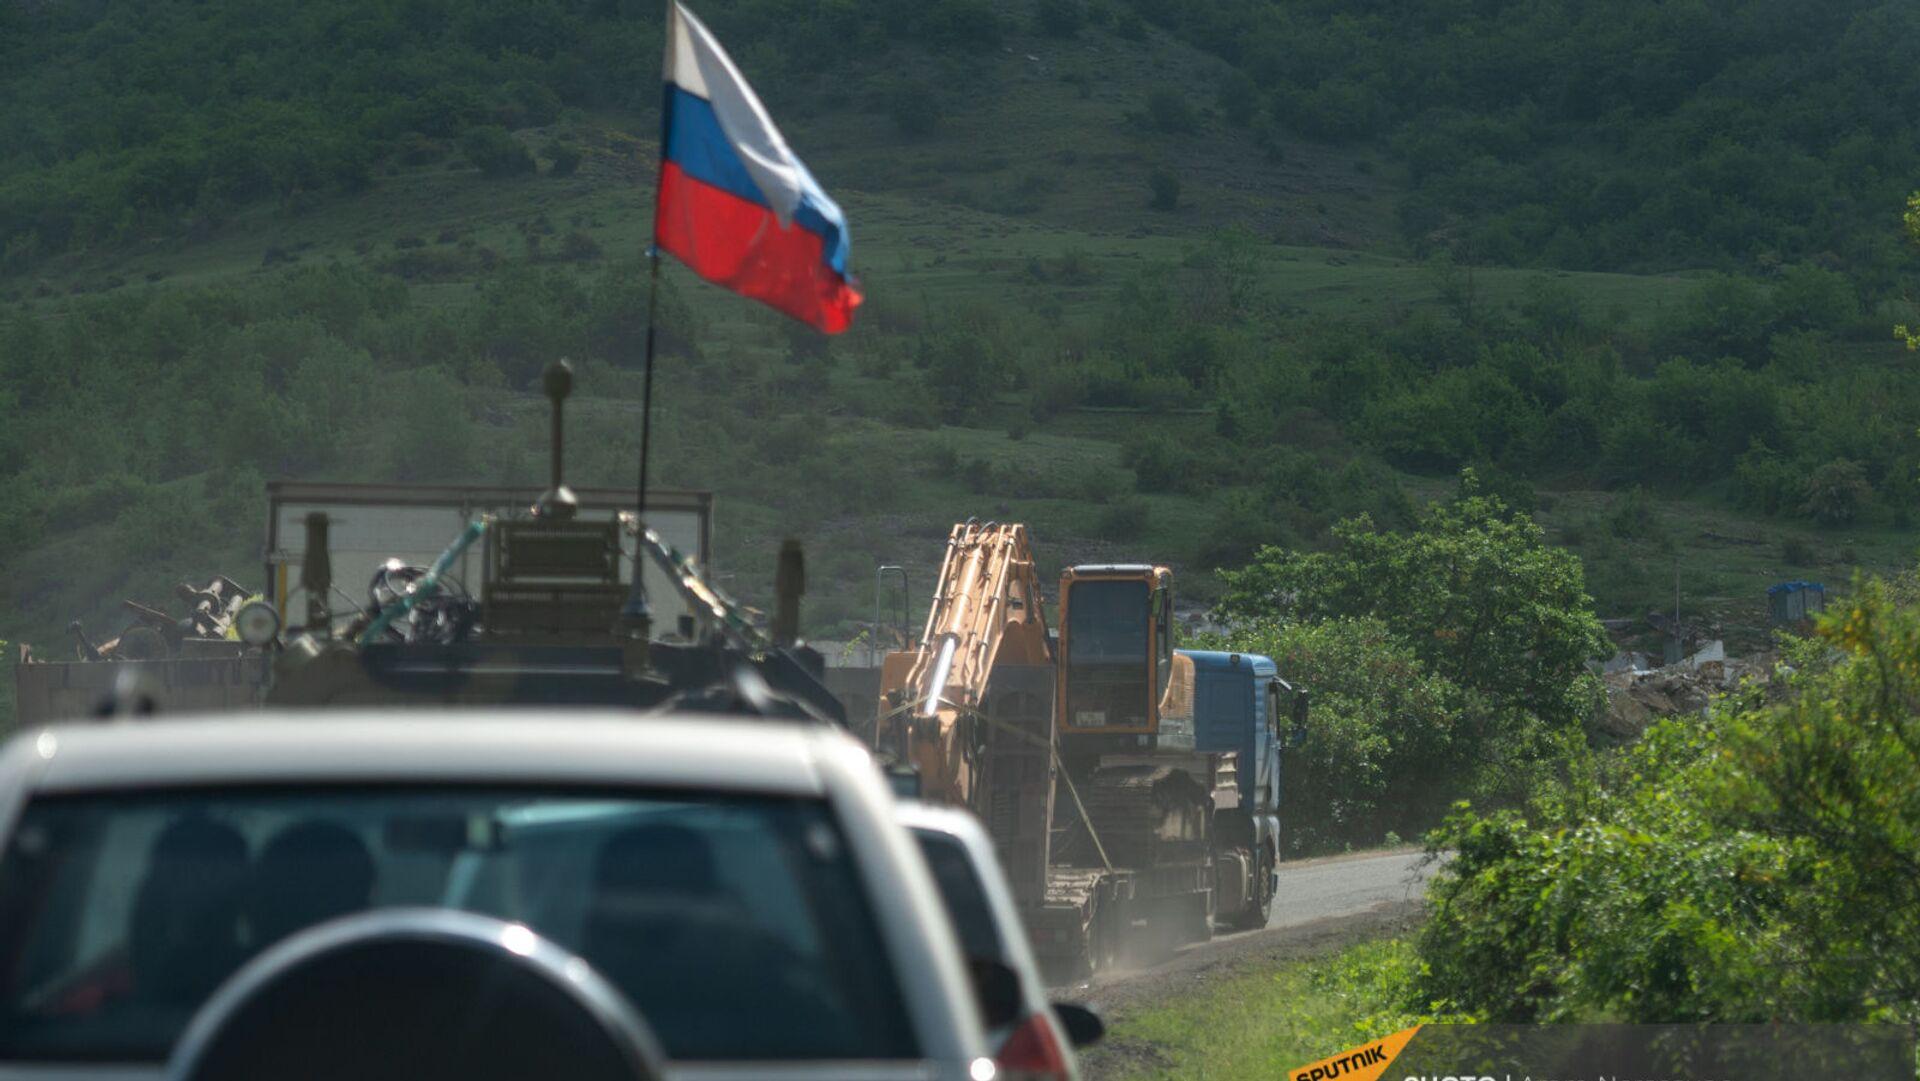 Российские миротворцы сопровождают азербайджанскую автоколонну на дороге Шуши - Кармир Шука - Sputnik Արմենիա, 1920, 19.07.2021